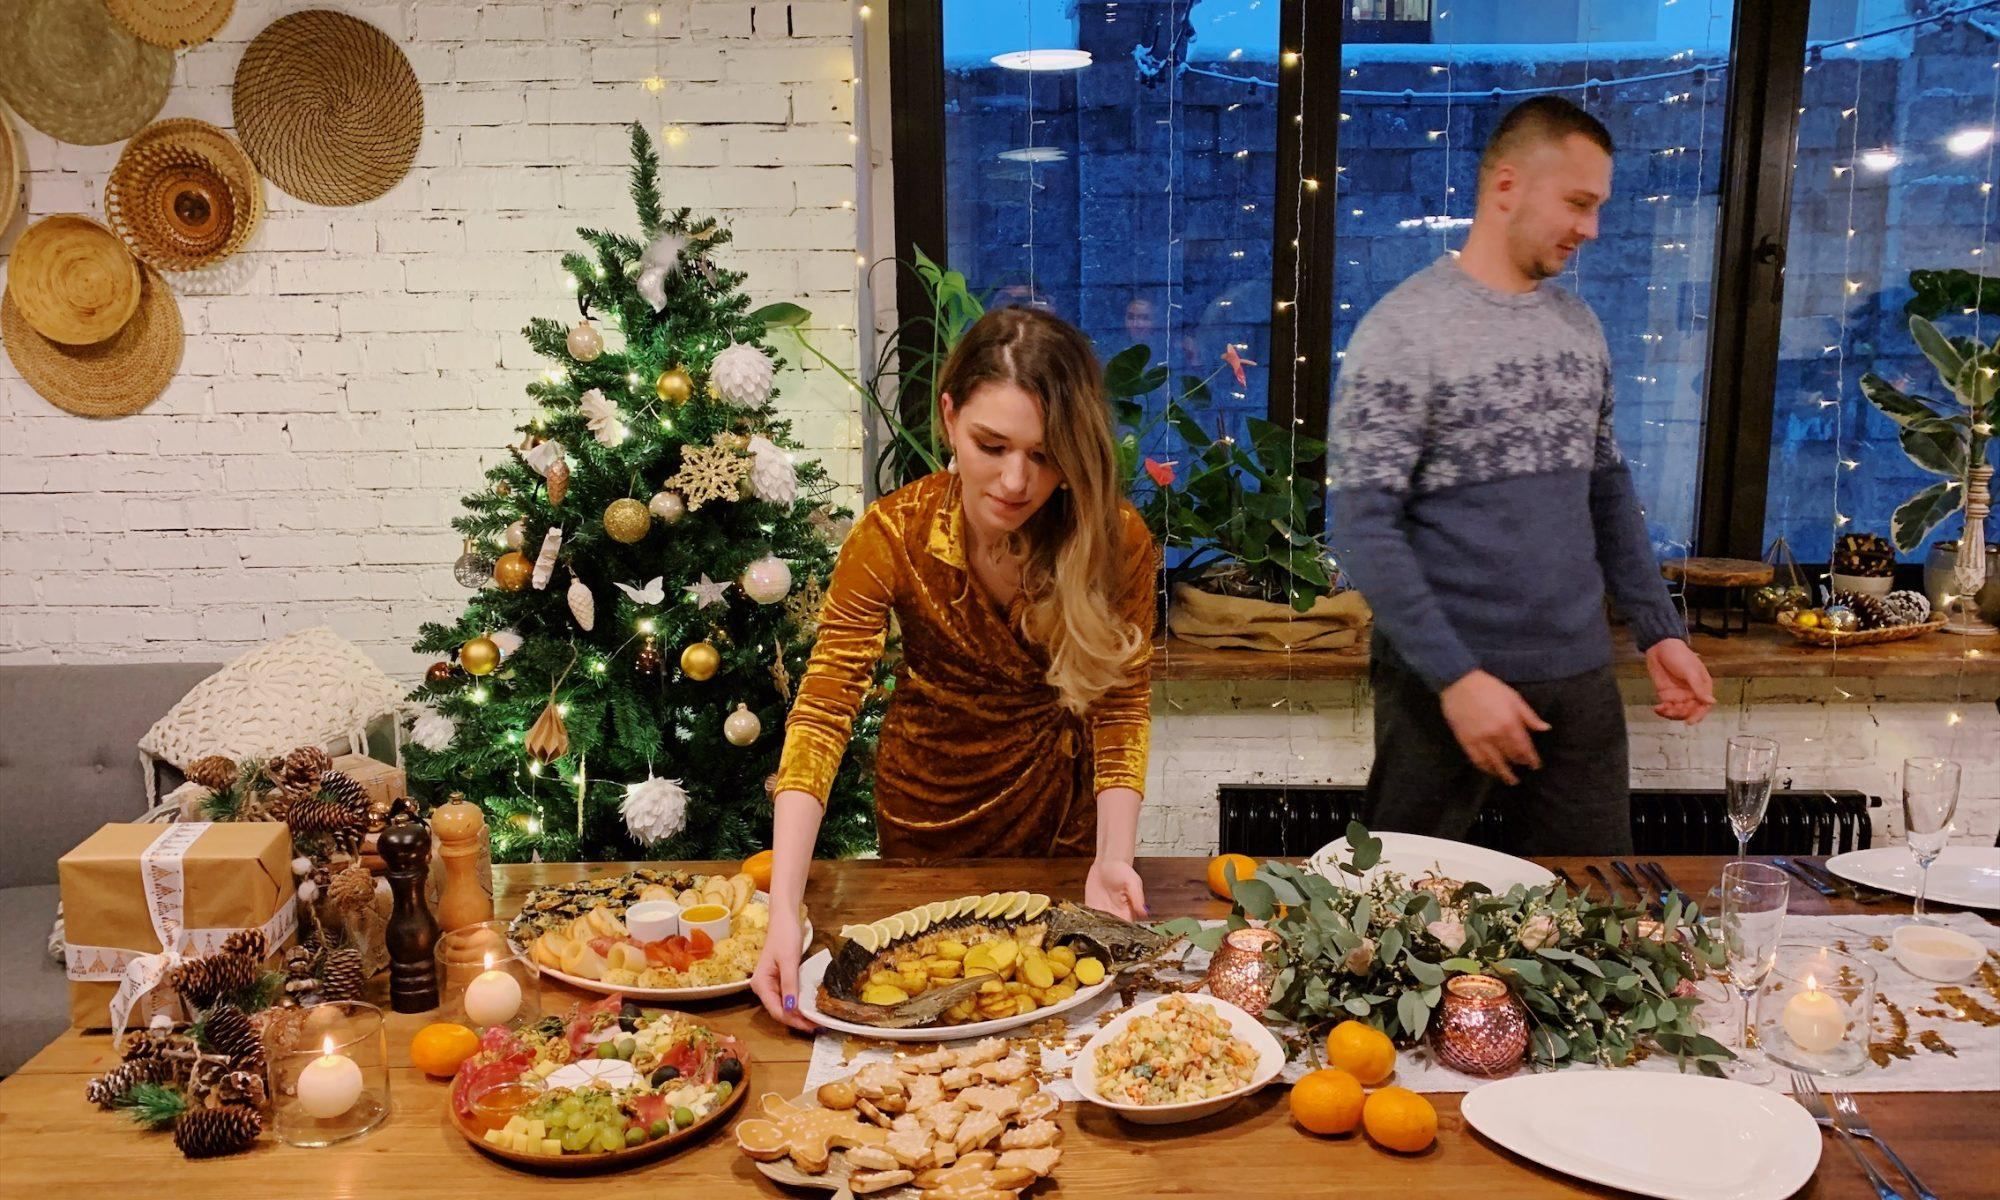 картинка где семья готовится к новому году